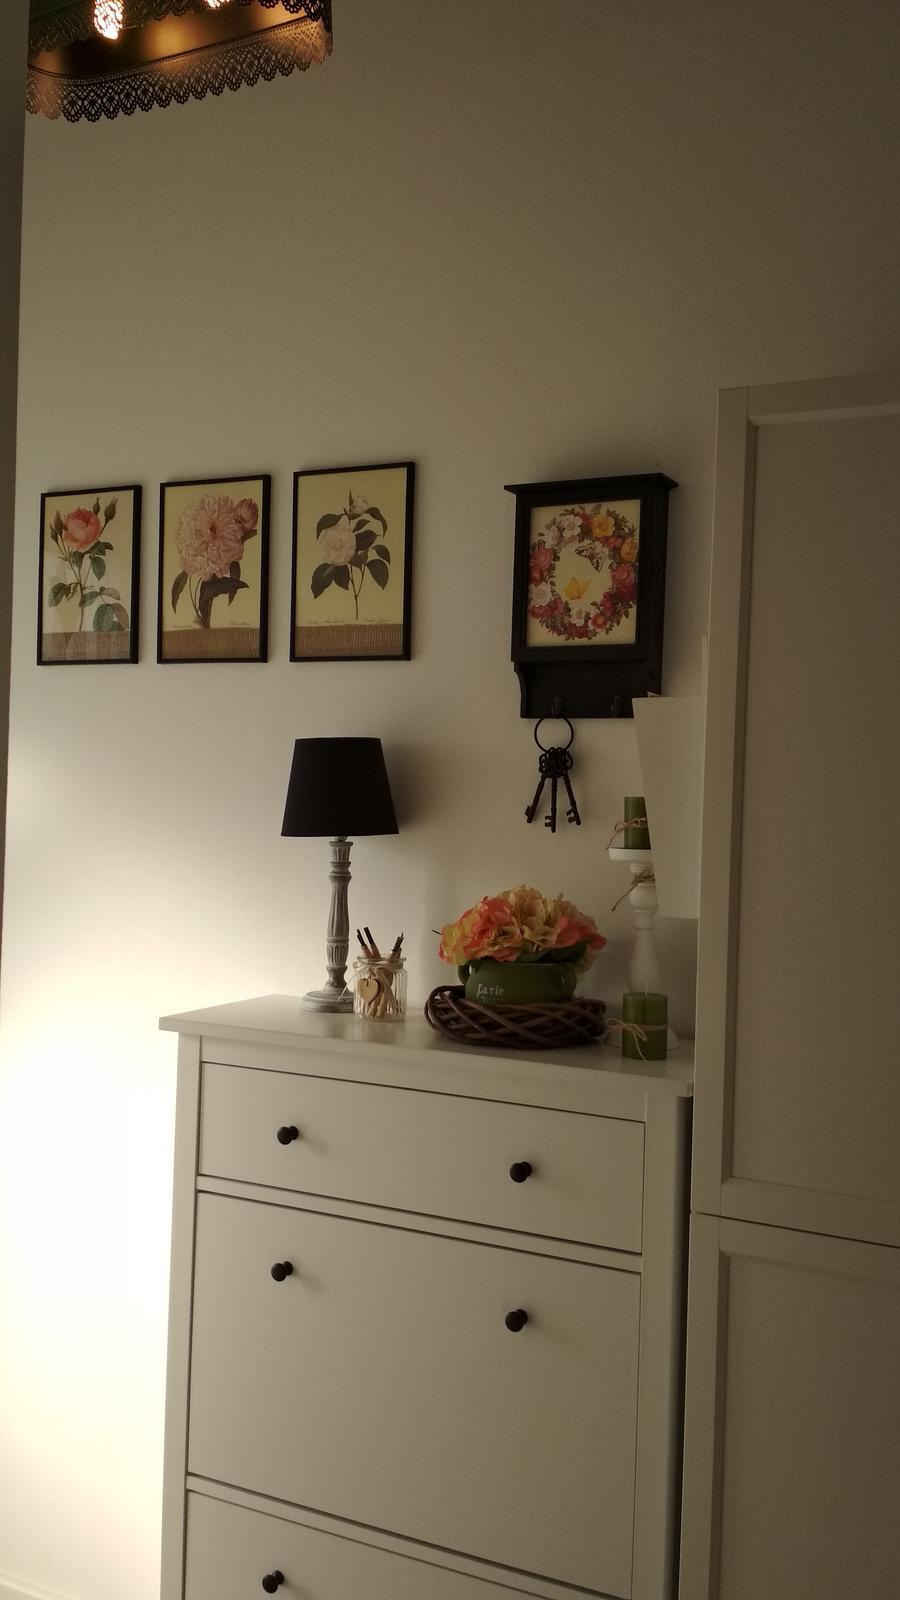 Náš domček ♡ Bramasole ♡ ... Stilo interiér aj exteriér 3. rok bývania - Obrázok č. 62